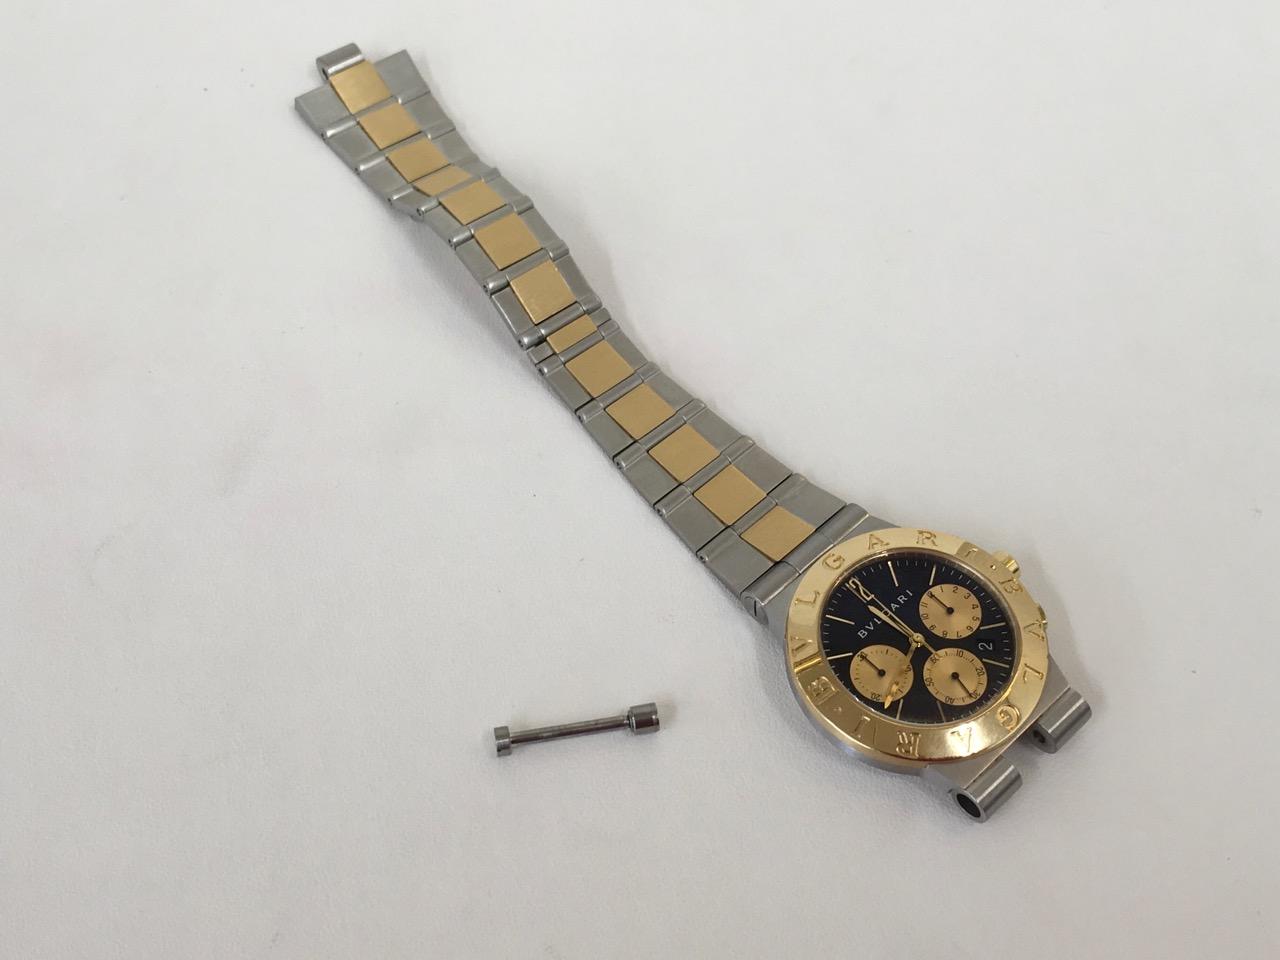 BVLGARI ブルガリ 腕時計 修理 ベルト交換 金額